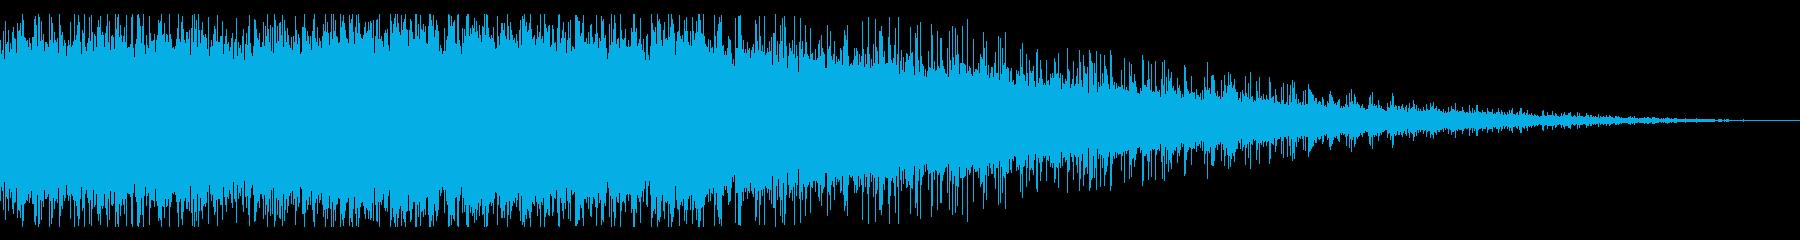 拍手の効果音(中規模/劇場/舞台)10の再生済みの波形